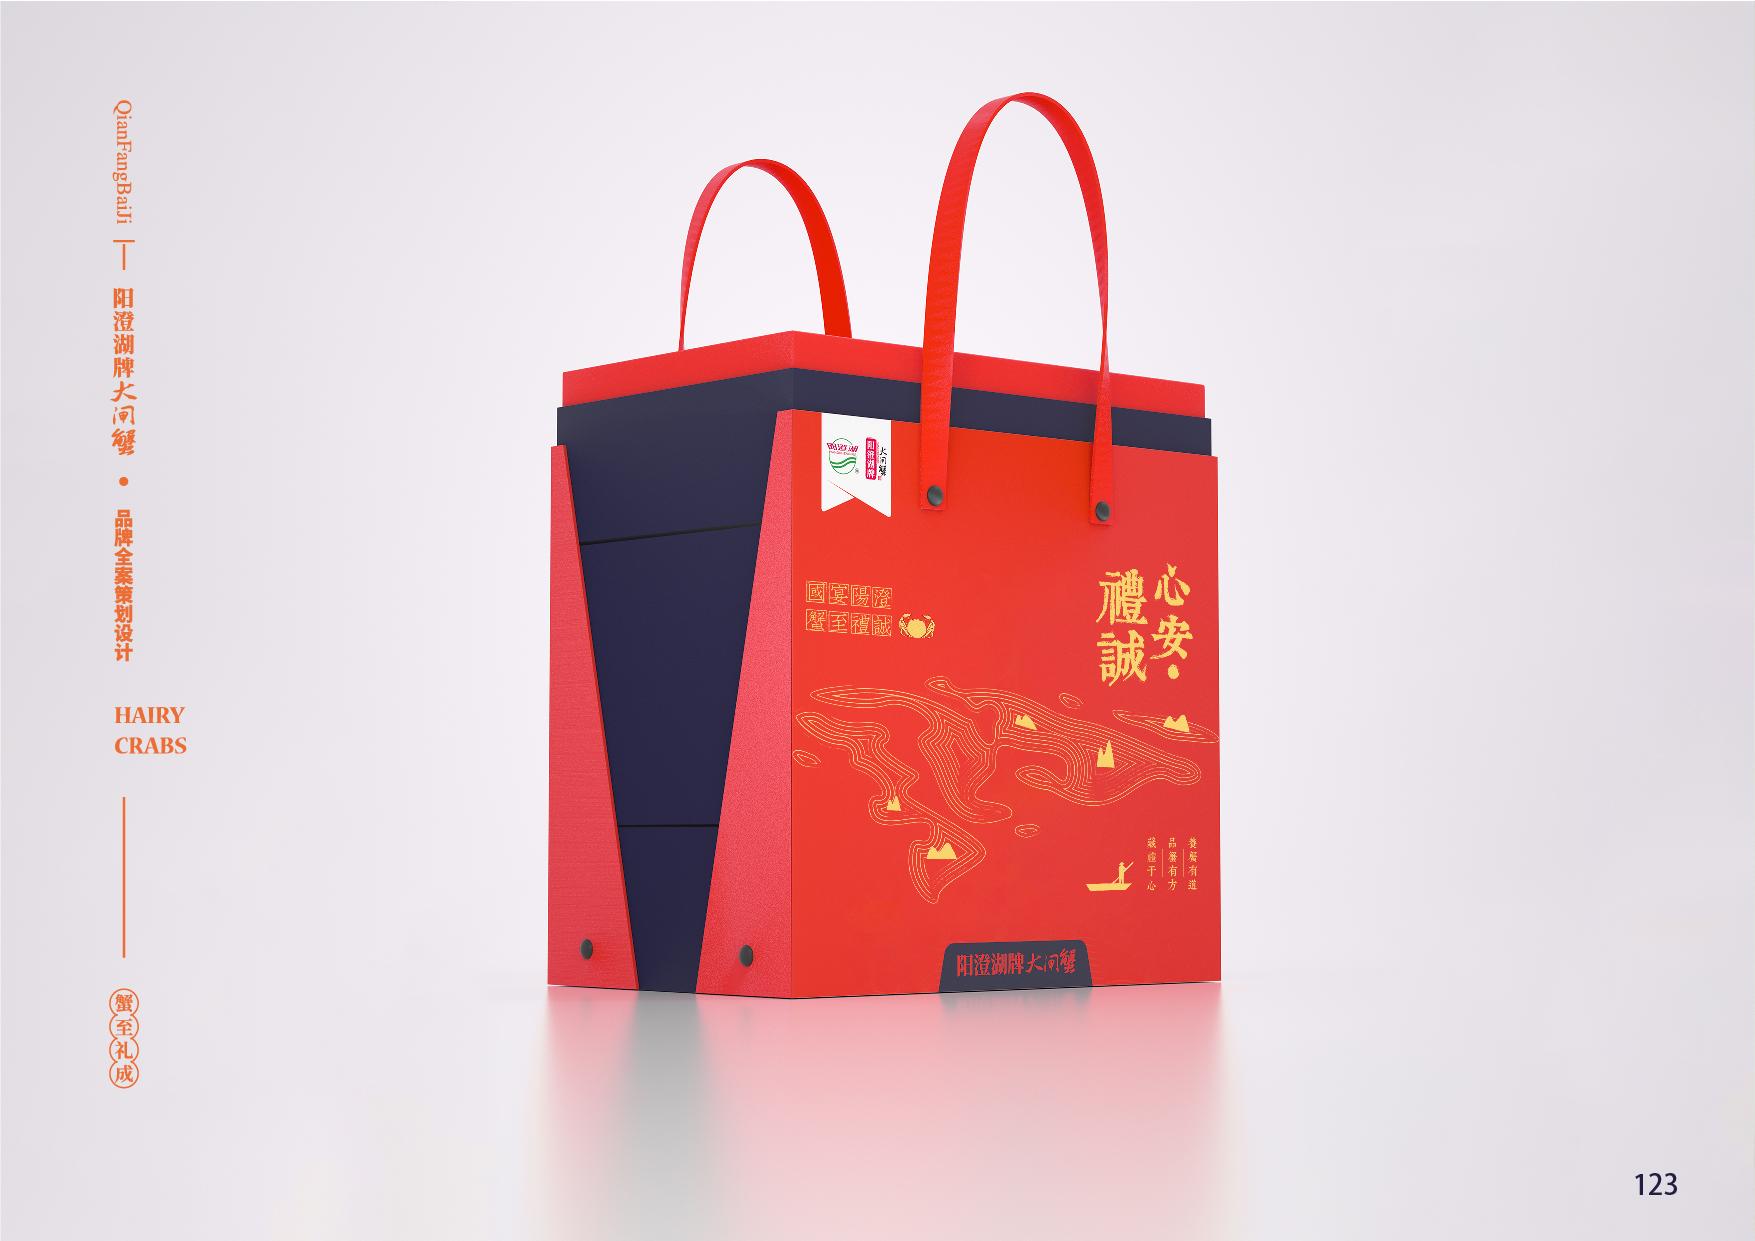 【插画包装】包装盒设计贴纸手提袋瓶标科技产品包装餐饮包装打包